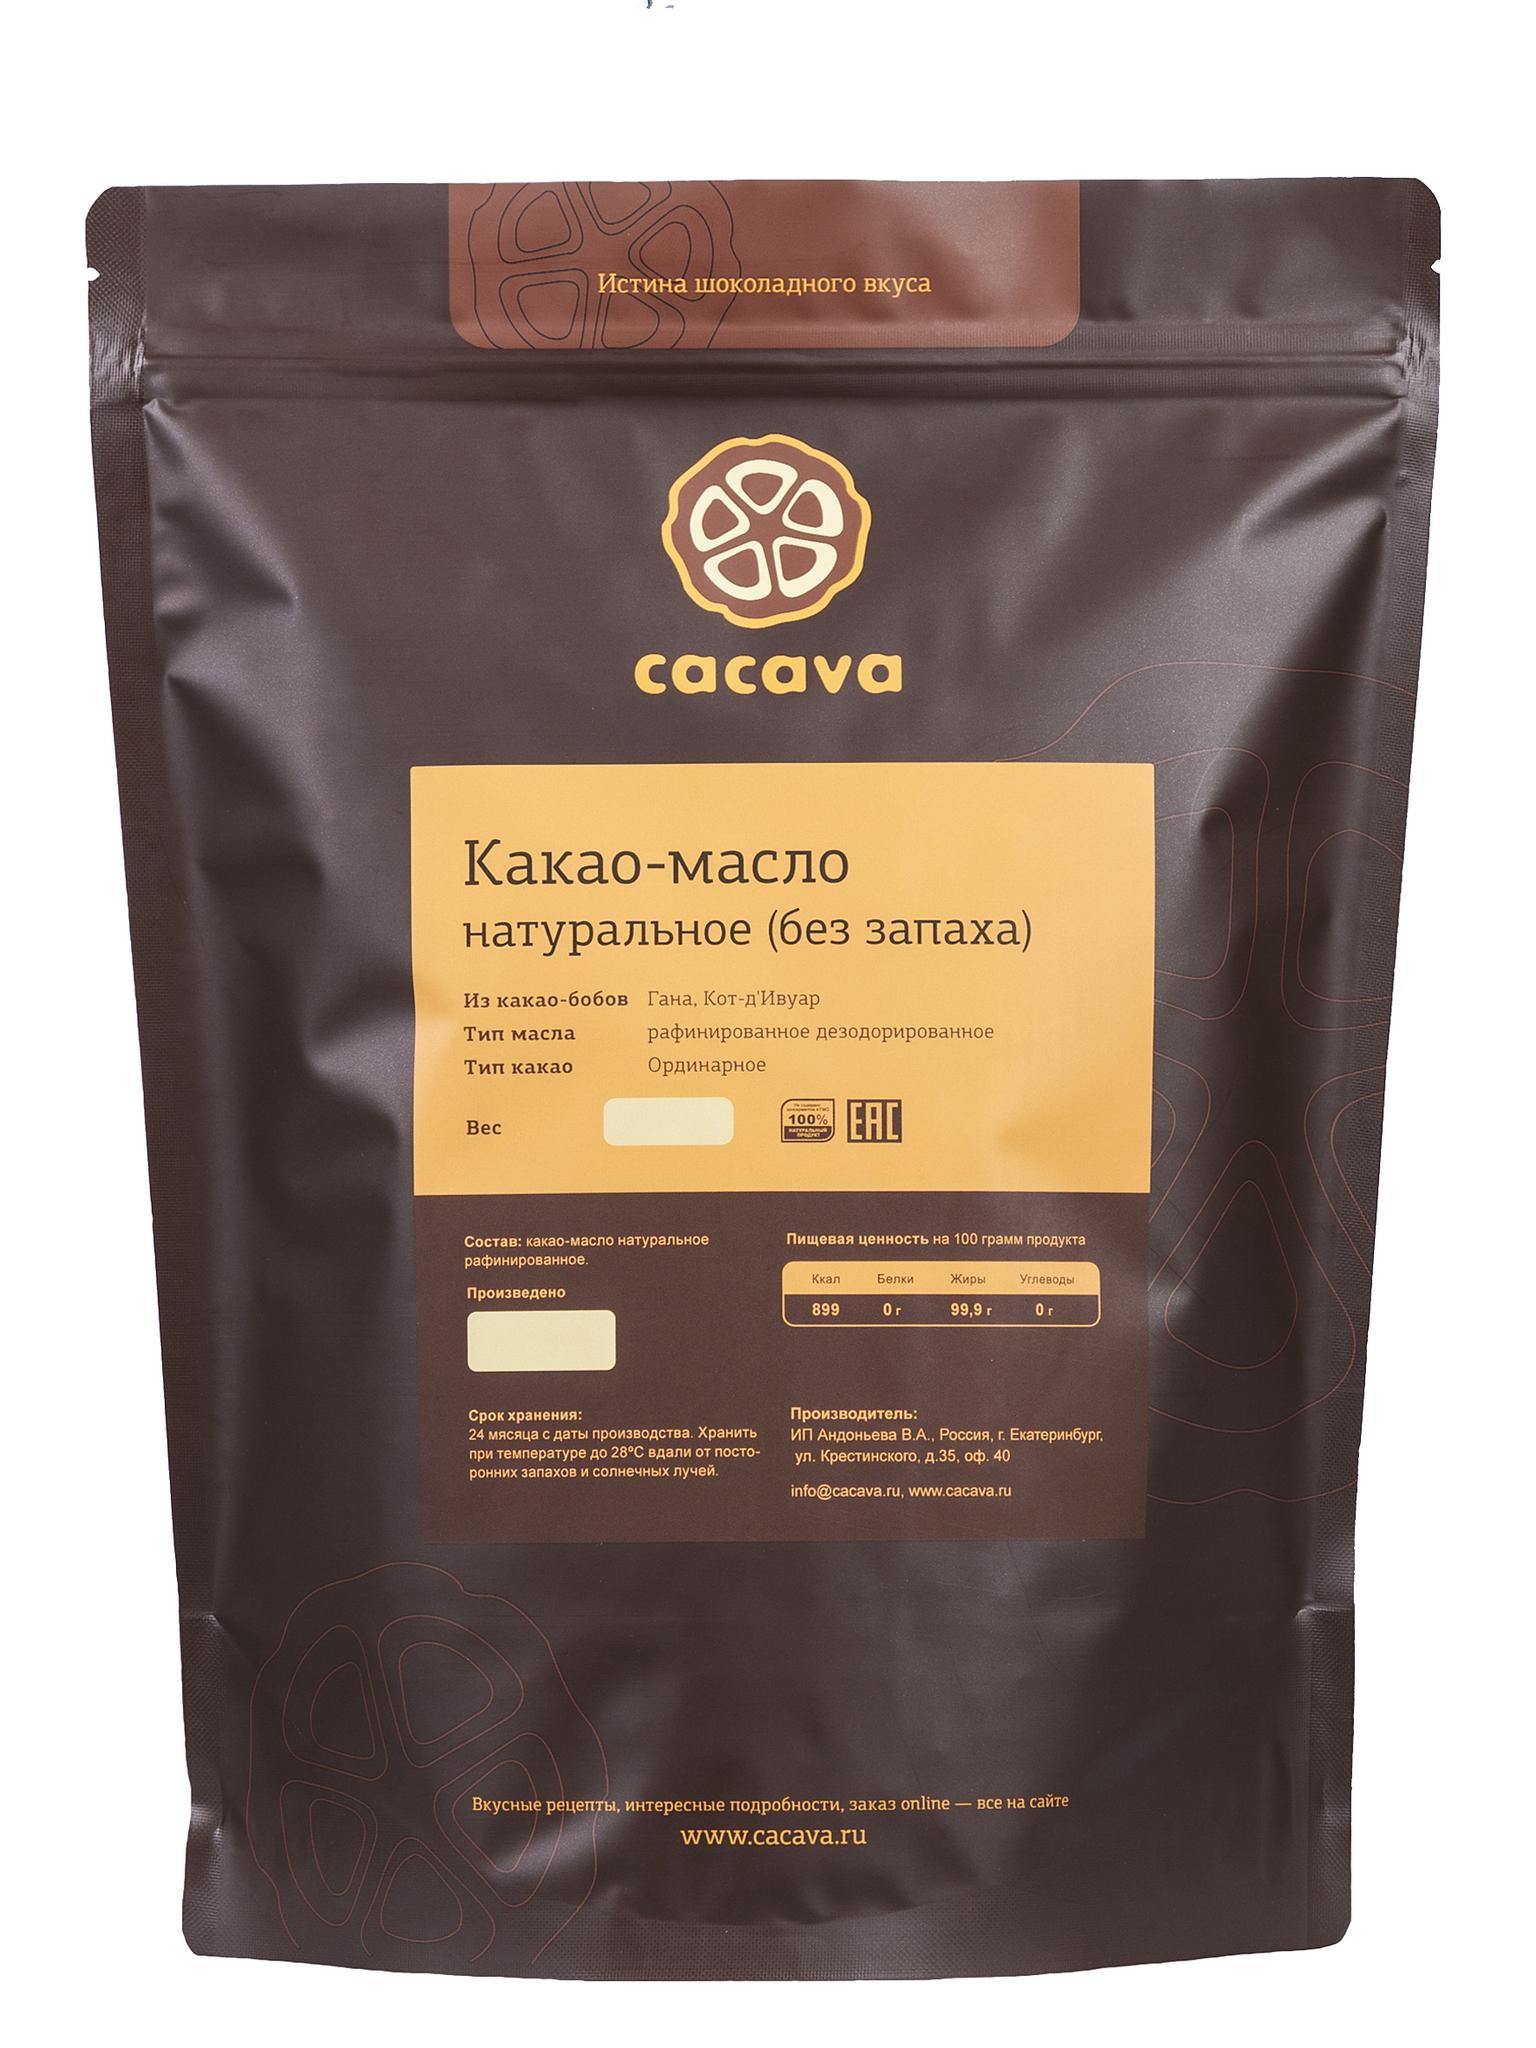 Какао-масло рафинированное (без запаха), упаковка 1 кг